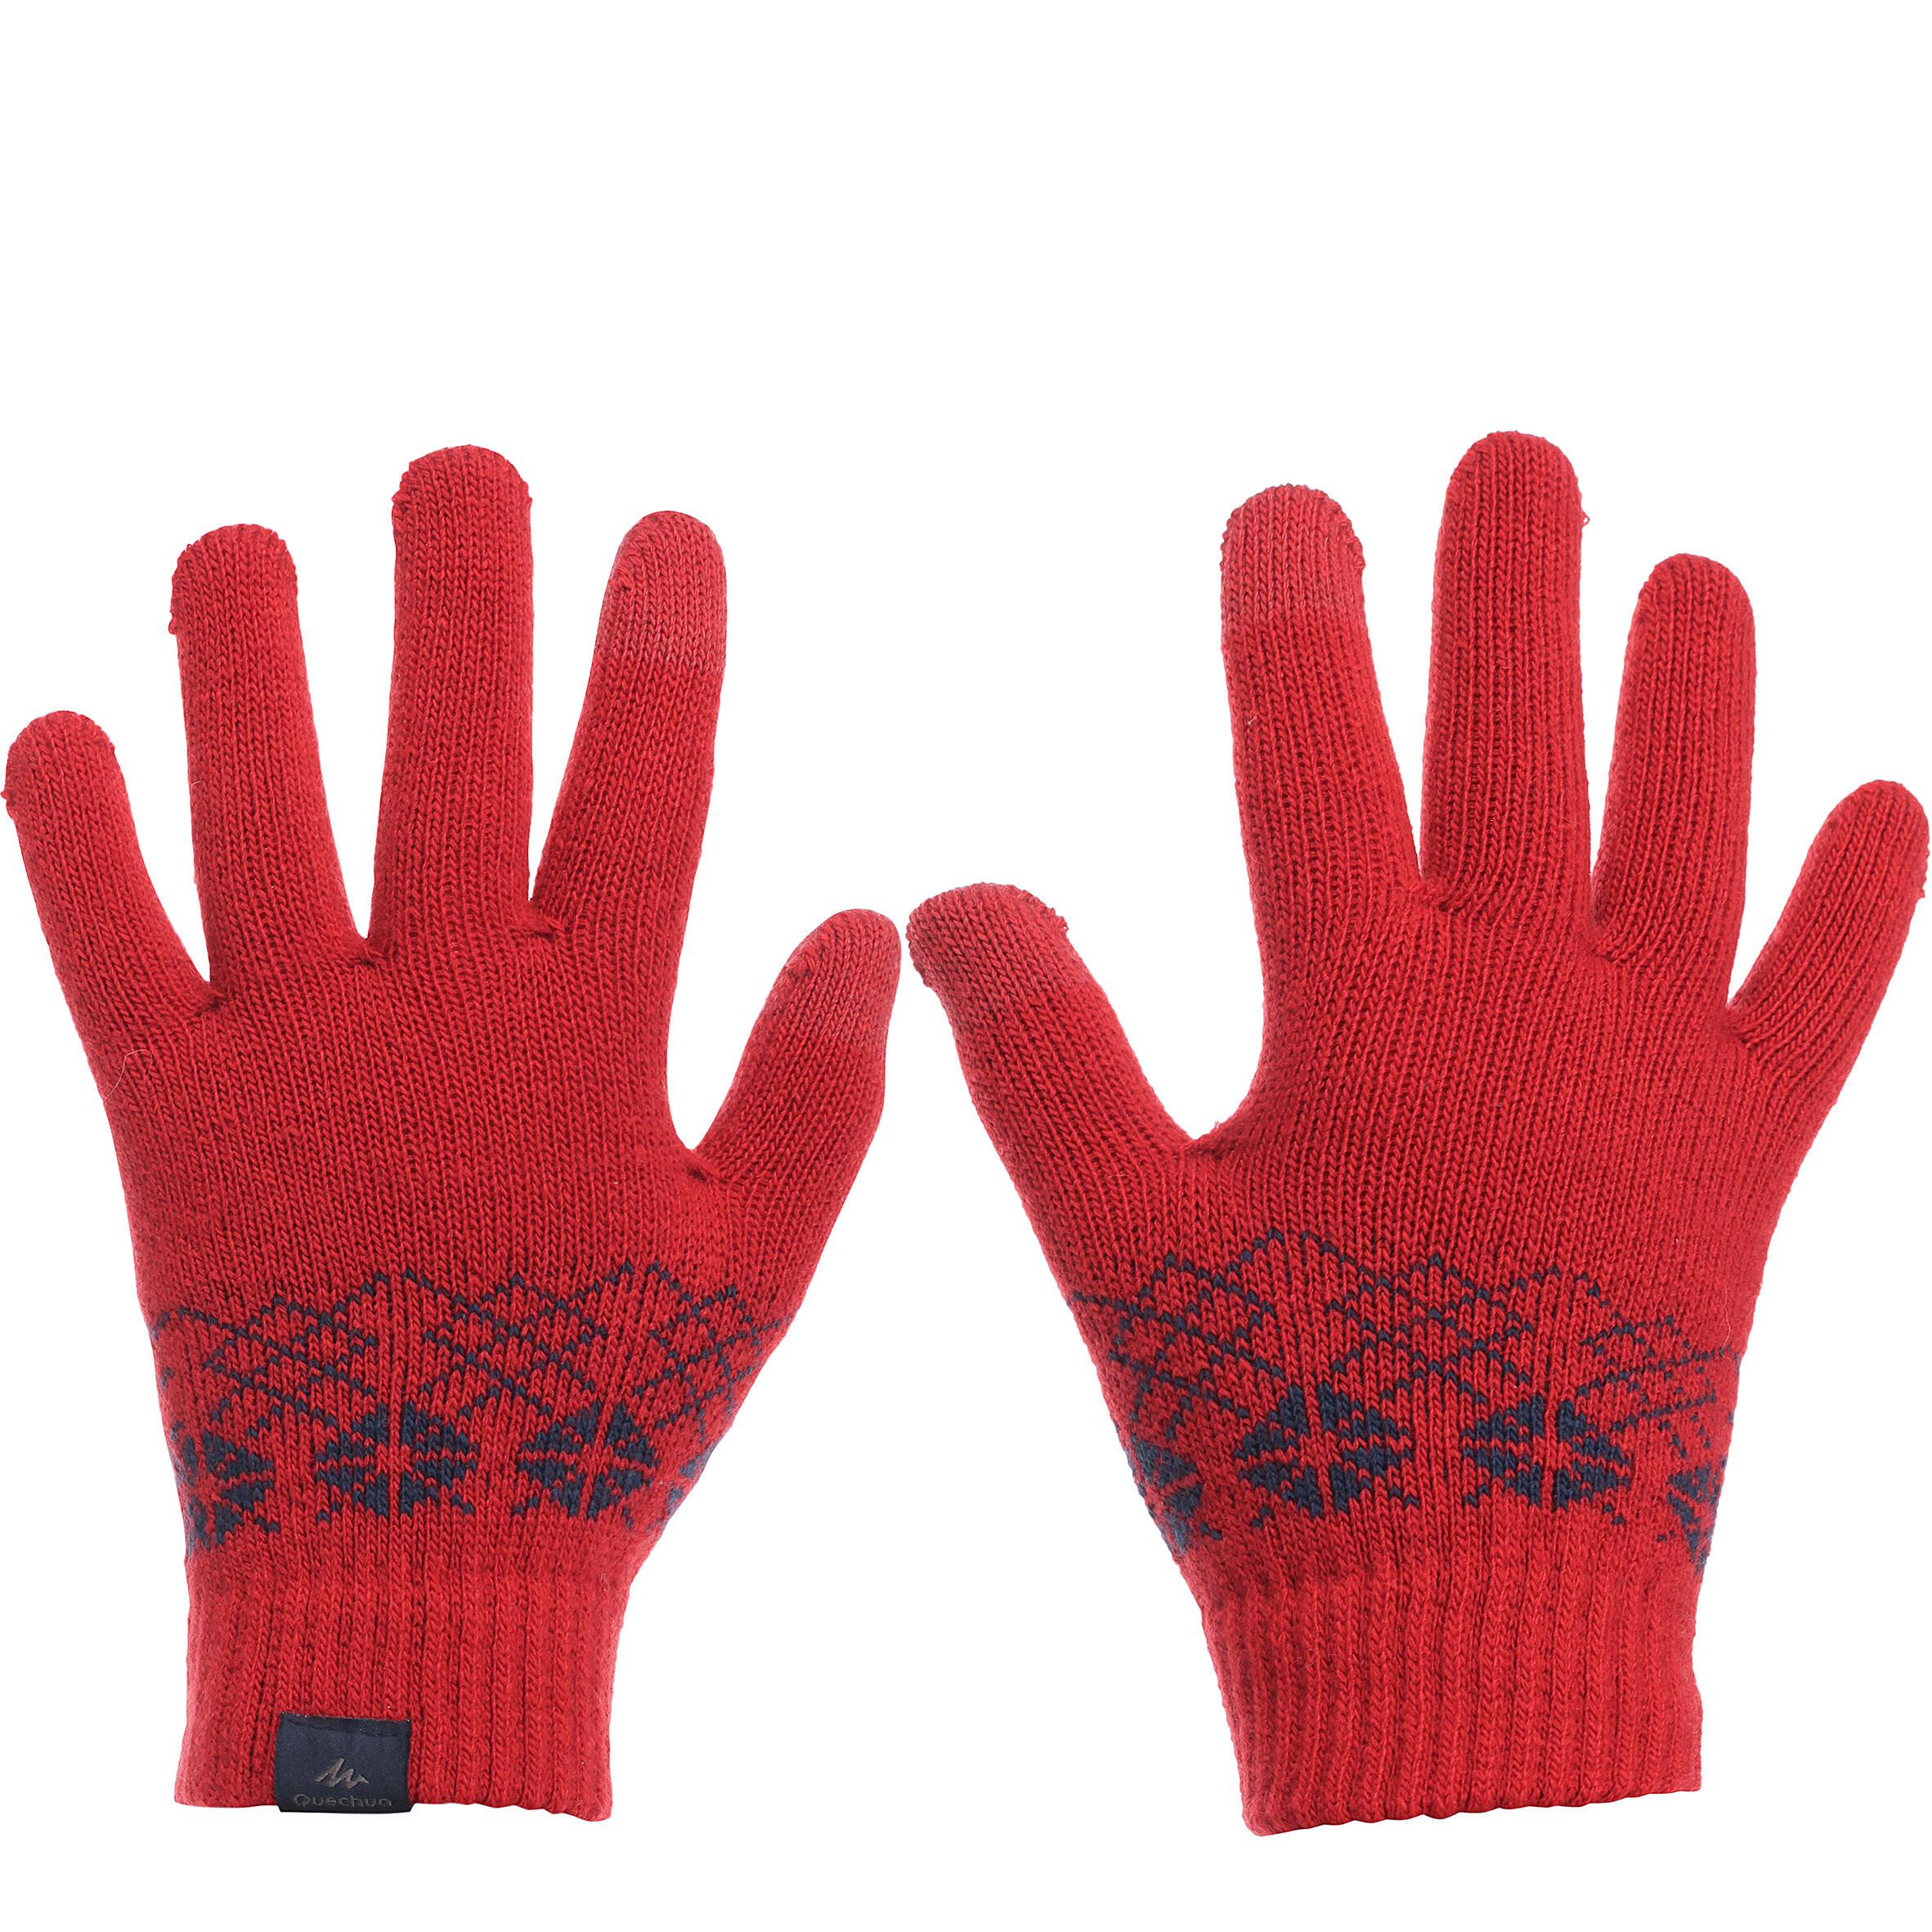 Gants randonnée enfant Arpenaz 50 tactiles rouges